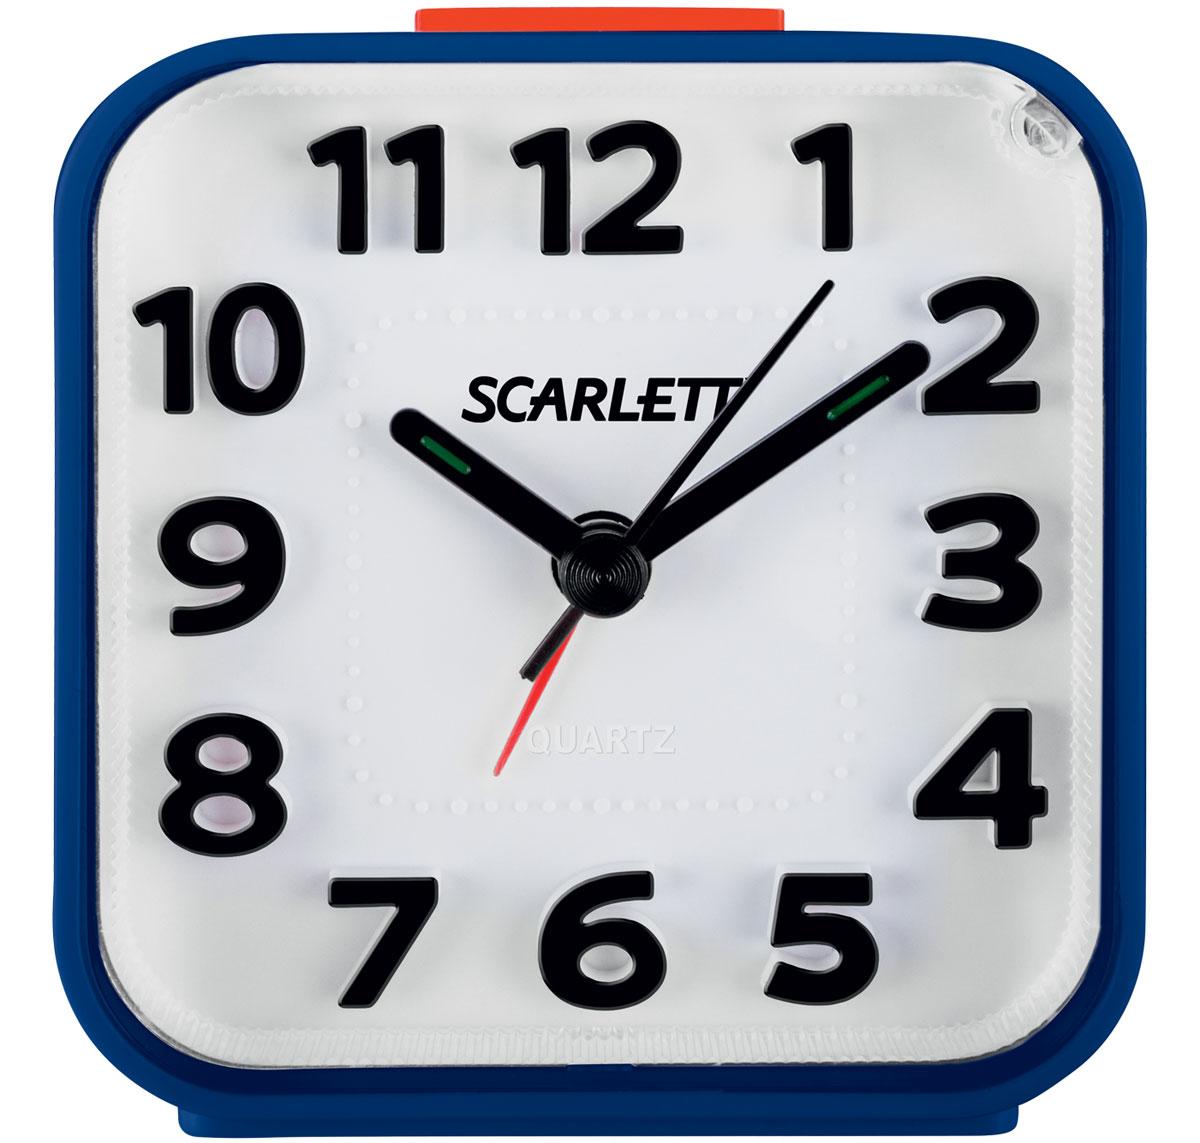 Scarlett SC-AC1014N, Blue будильник электронныйSC-AC1014NБудильник Scarlett SC-AC1014N имеет надежный кварцевый часовой механизм и плавный бесшумный ход. Данная модель также оснащена встроенной функцией подсветки и повтора сигнала (Snooze). Питание осуществляется от одной батарейки типа АА (в комплект не входит).